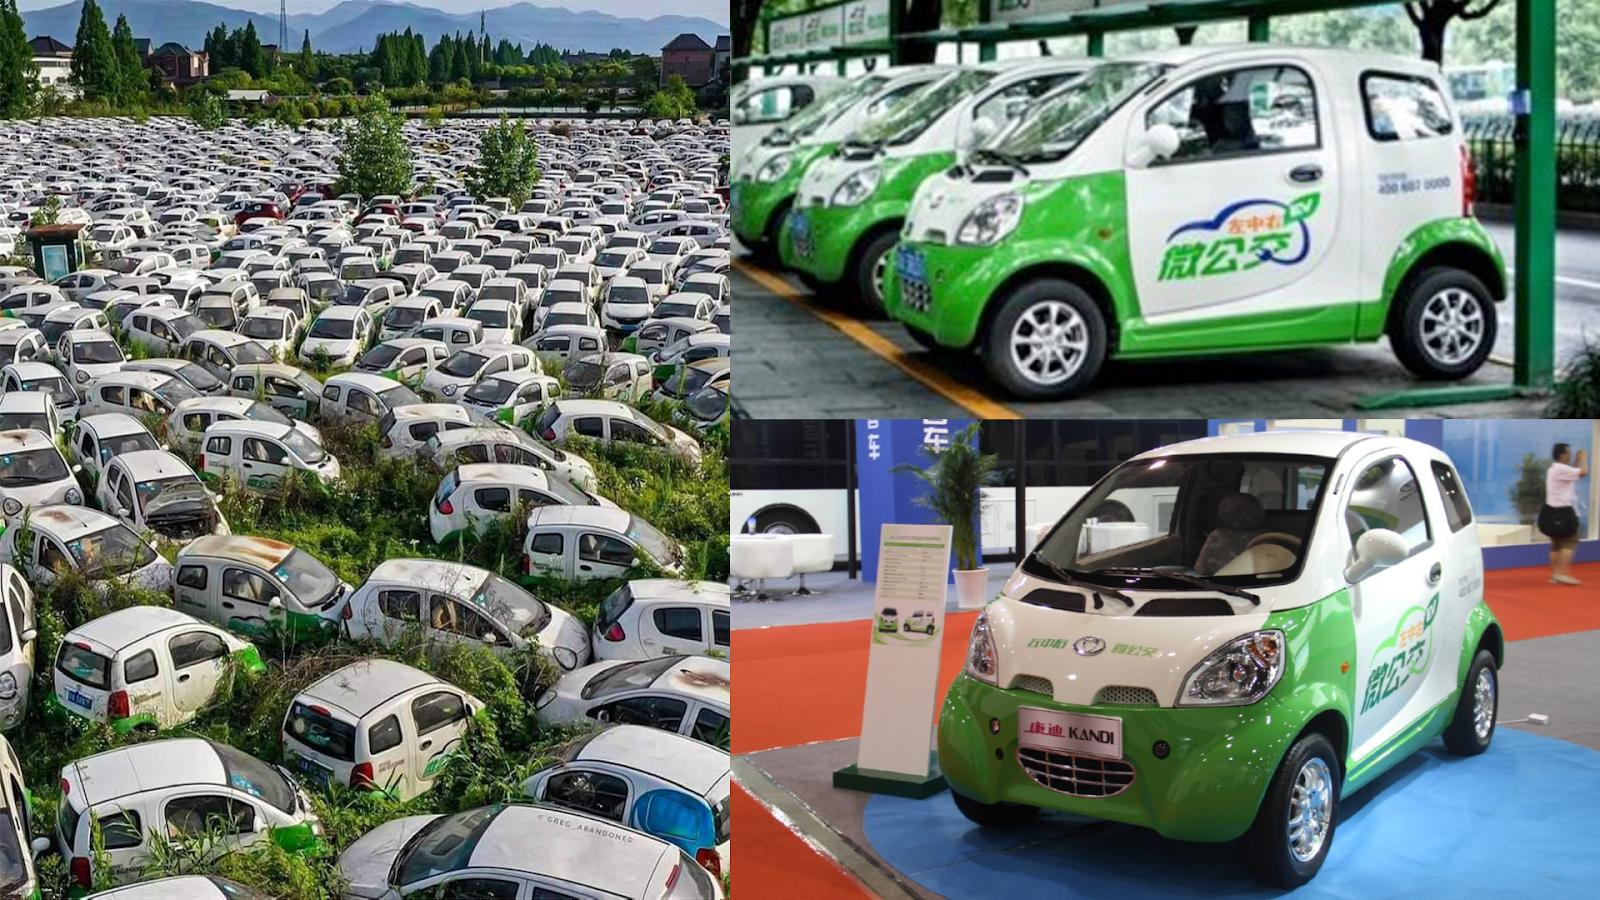 A gauche, l'image devenue virale ; en haut à droite, capture d'écran de l'image d'illustration de l'article du Global Times China ; en bas à droite, capture d'écran de l'image d'illustration de l'article de Green Car Reports.